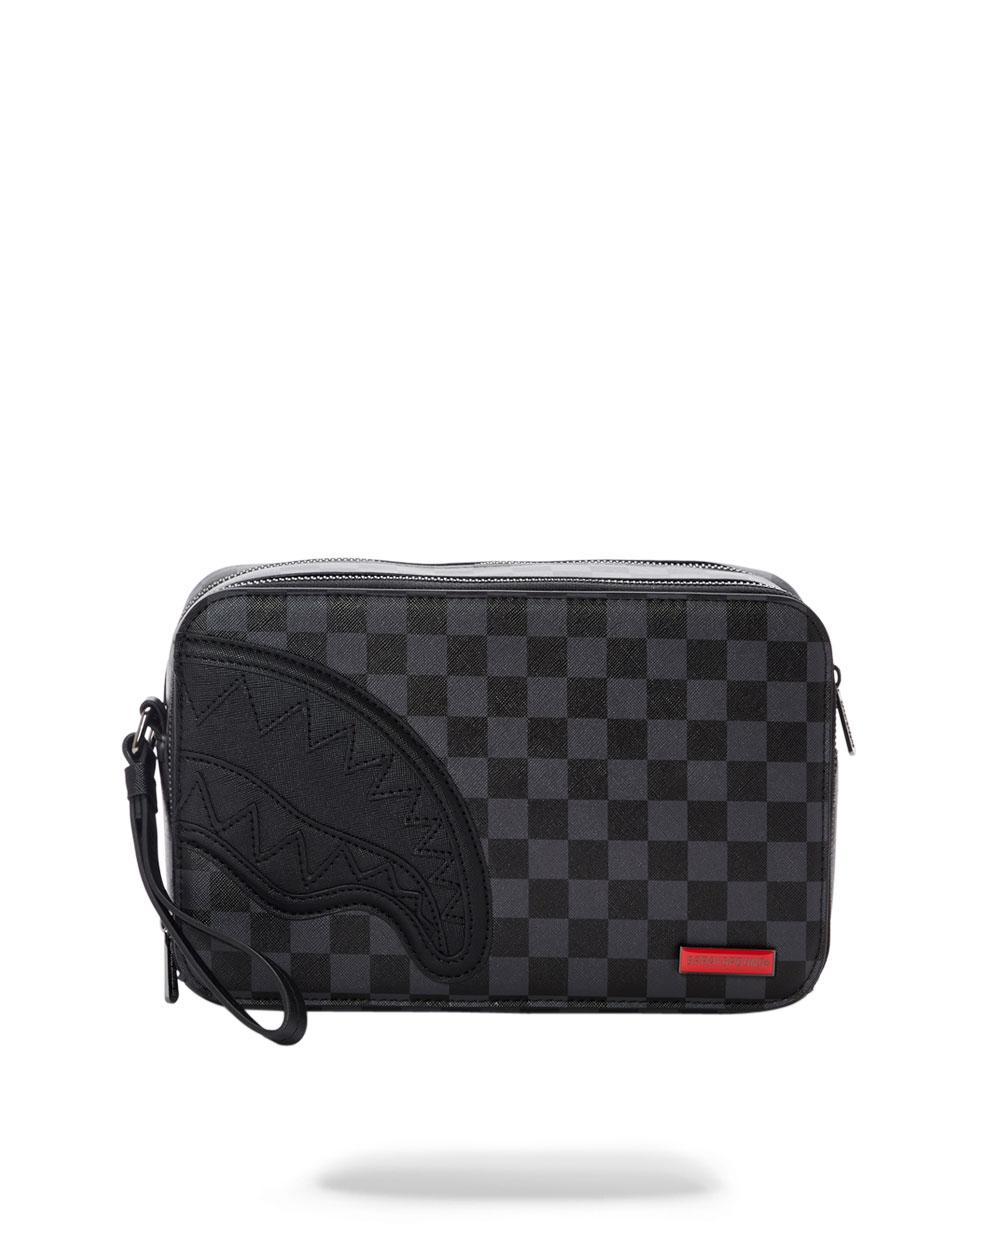 Sprayground Beauty Case Henny Black Checkered